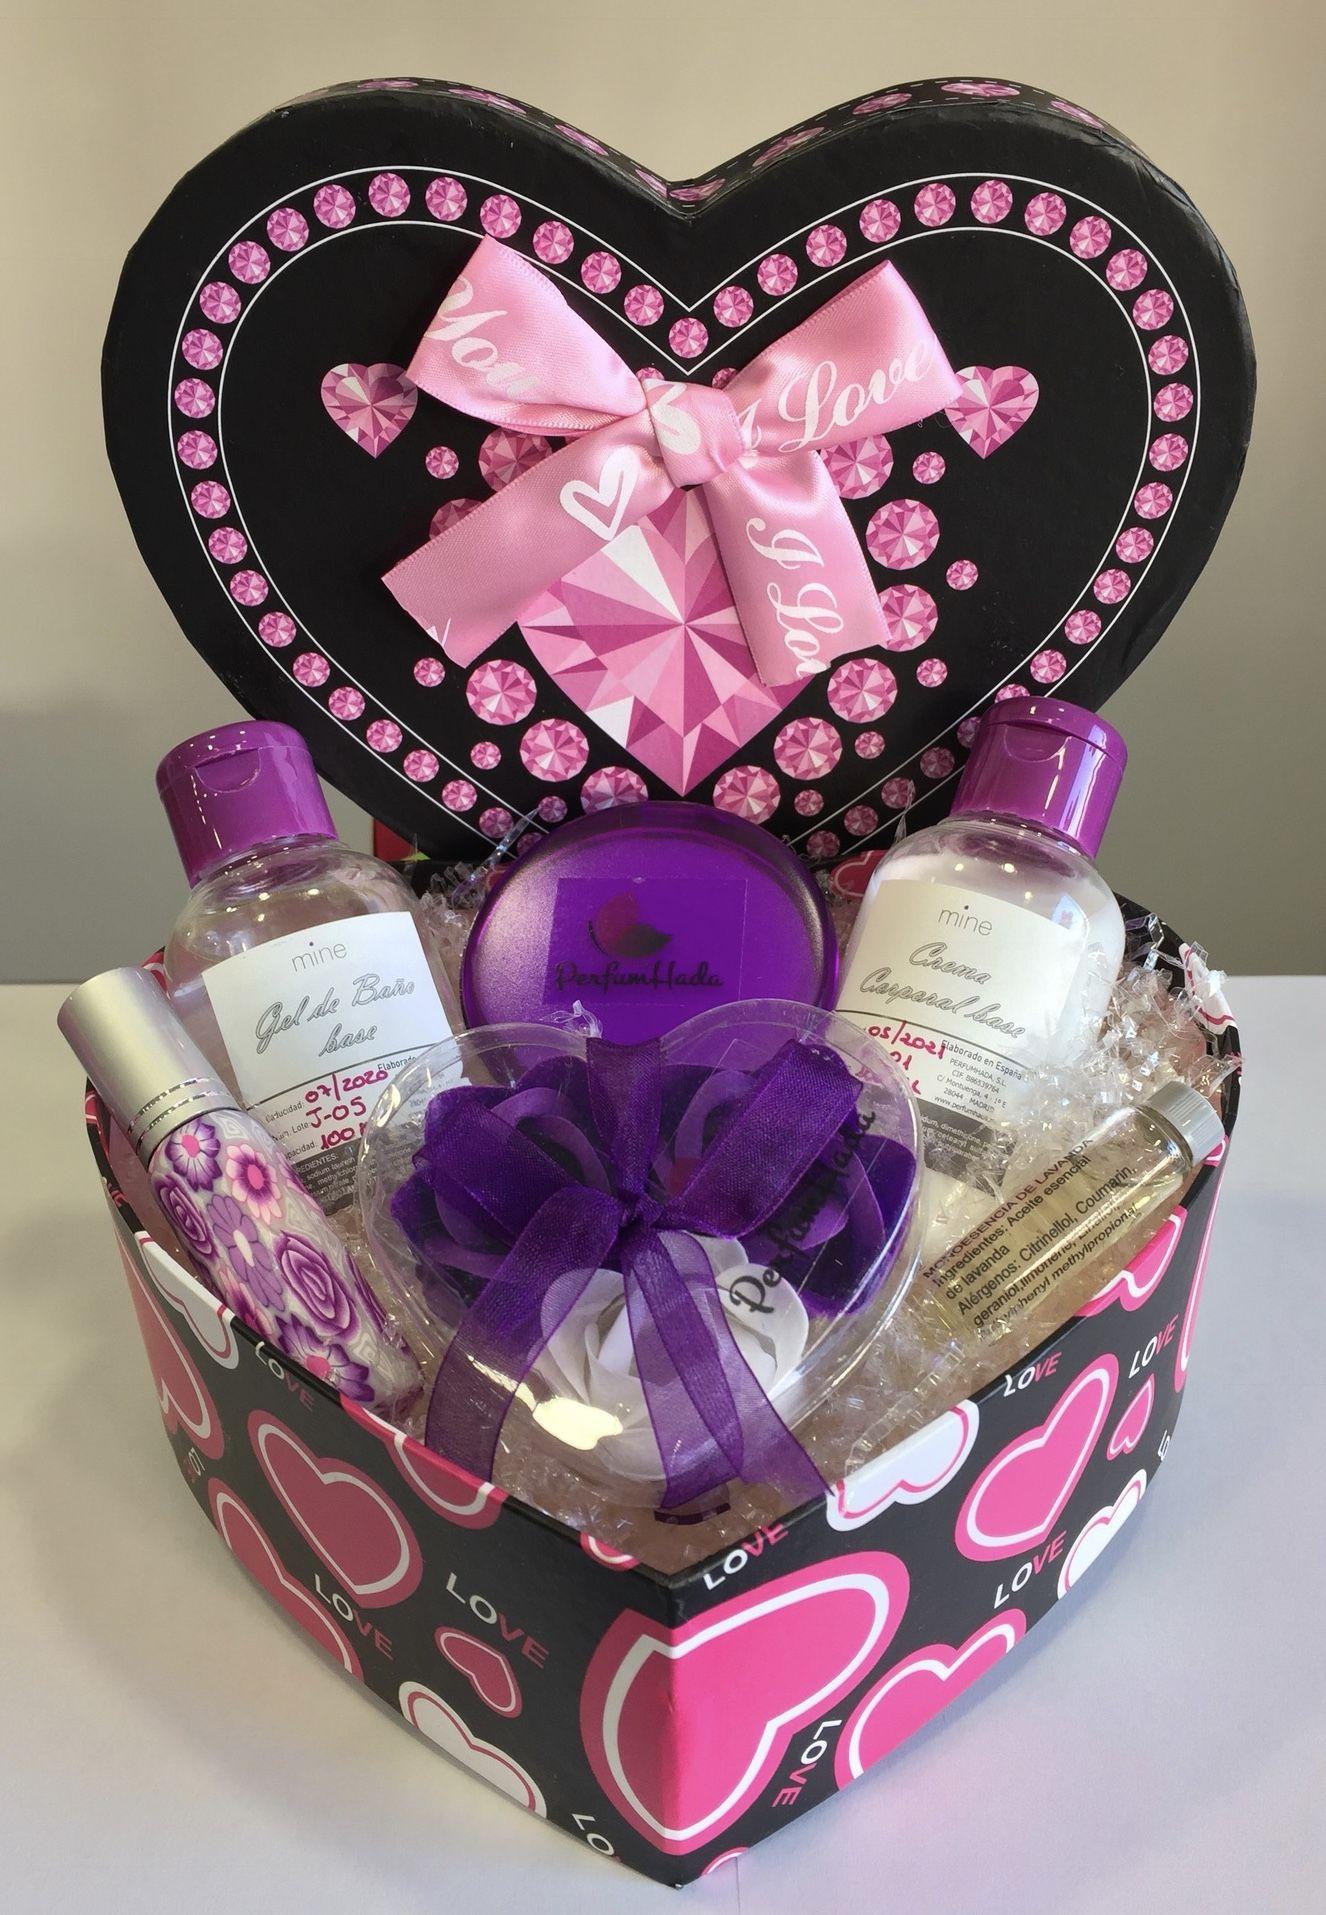 Tenemos Los Mejores Regalos De San Valentín Adaptados A Tu Presupuesto Ven A Perfumhada En La Flecha Y Elige El Regalos Para San Valentin Regalos Personalizar